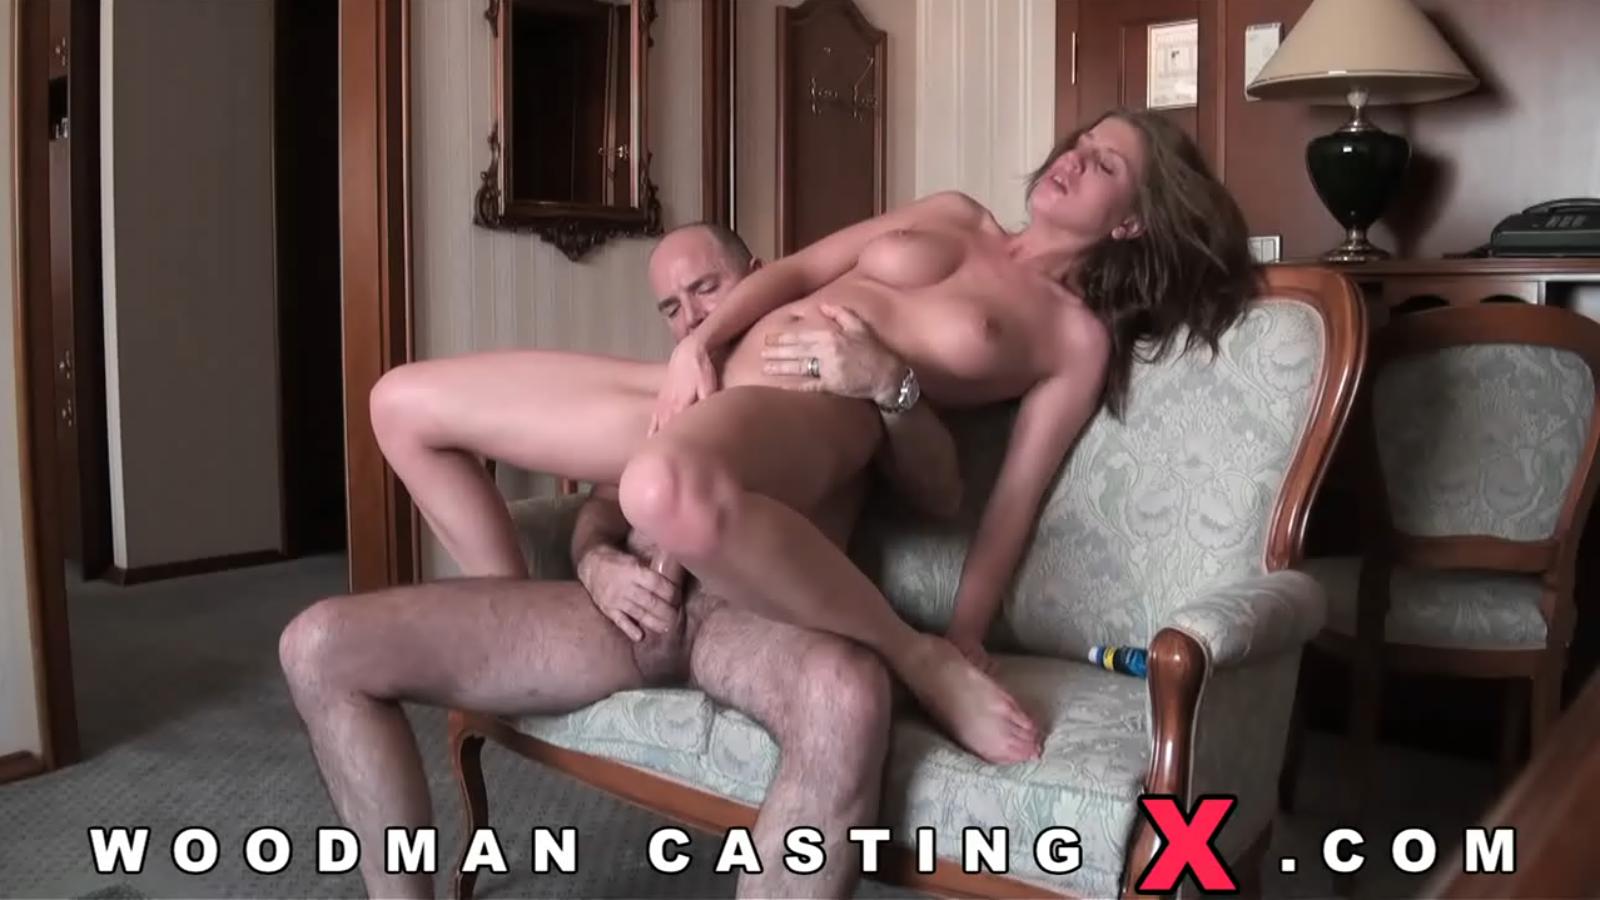 новые порно ролики с вудманом